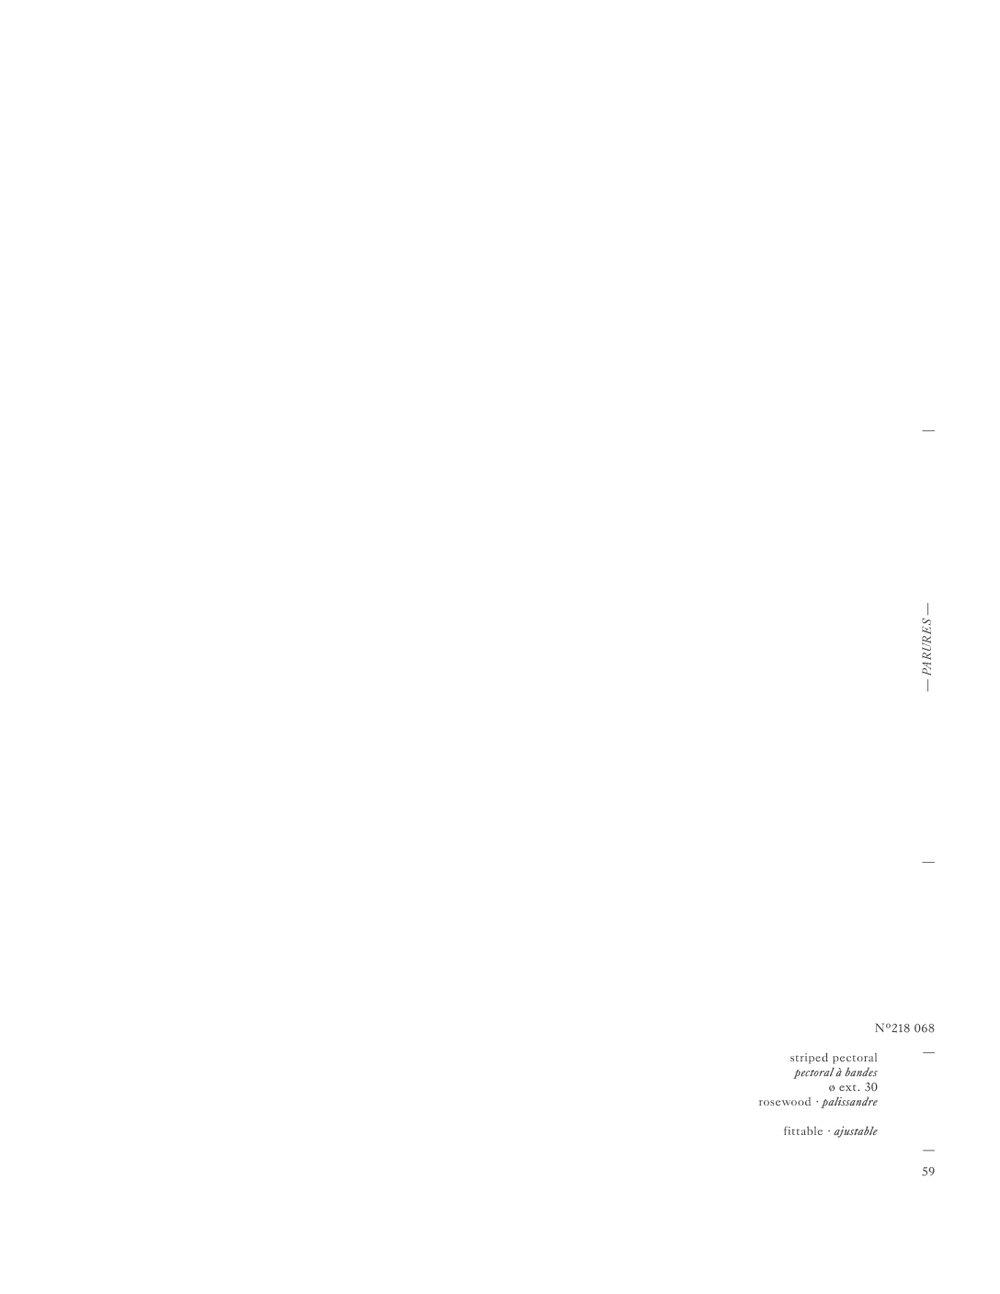 RAW - Statement IV_Embodies_JAN-18_lite-59.jpg